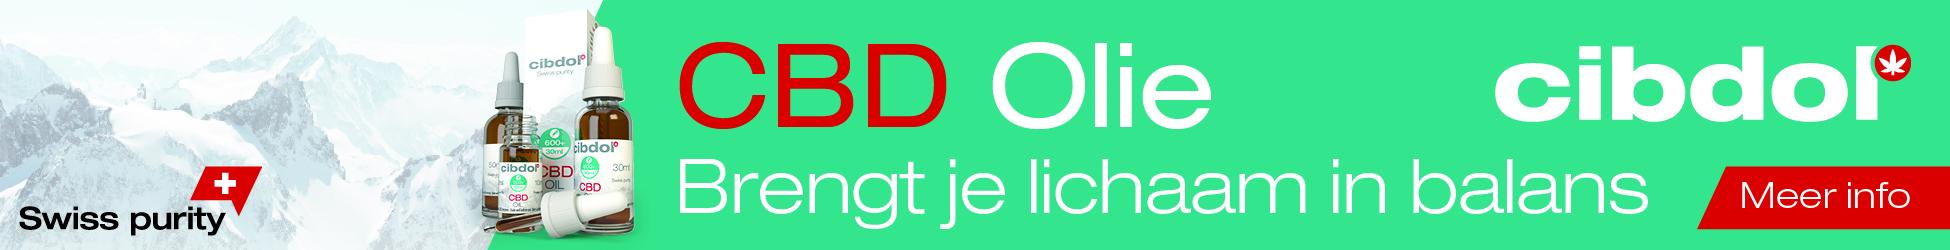 Op deze afbeelding zie je de banner van Cibdol